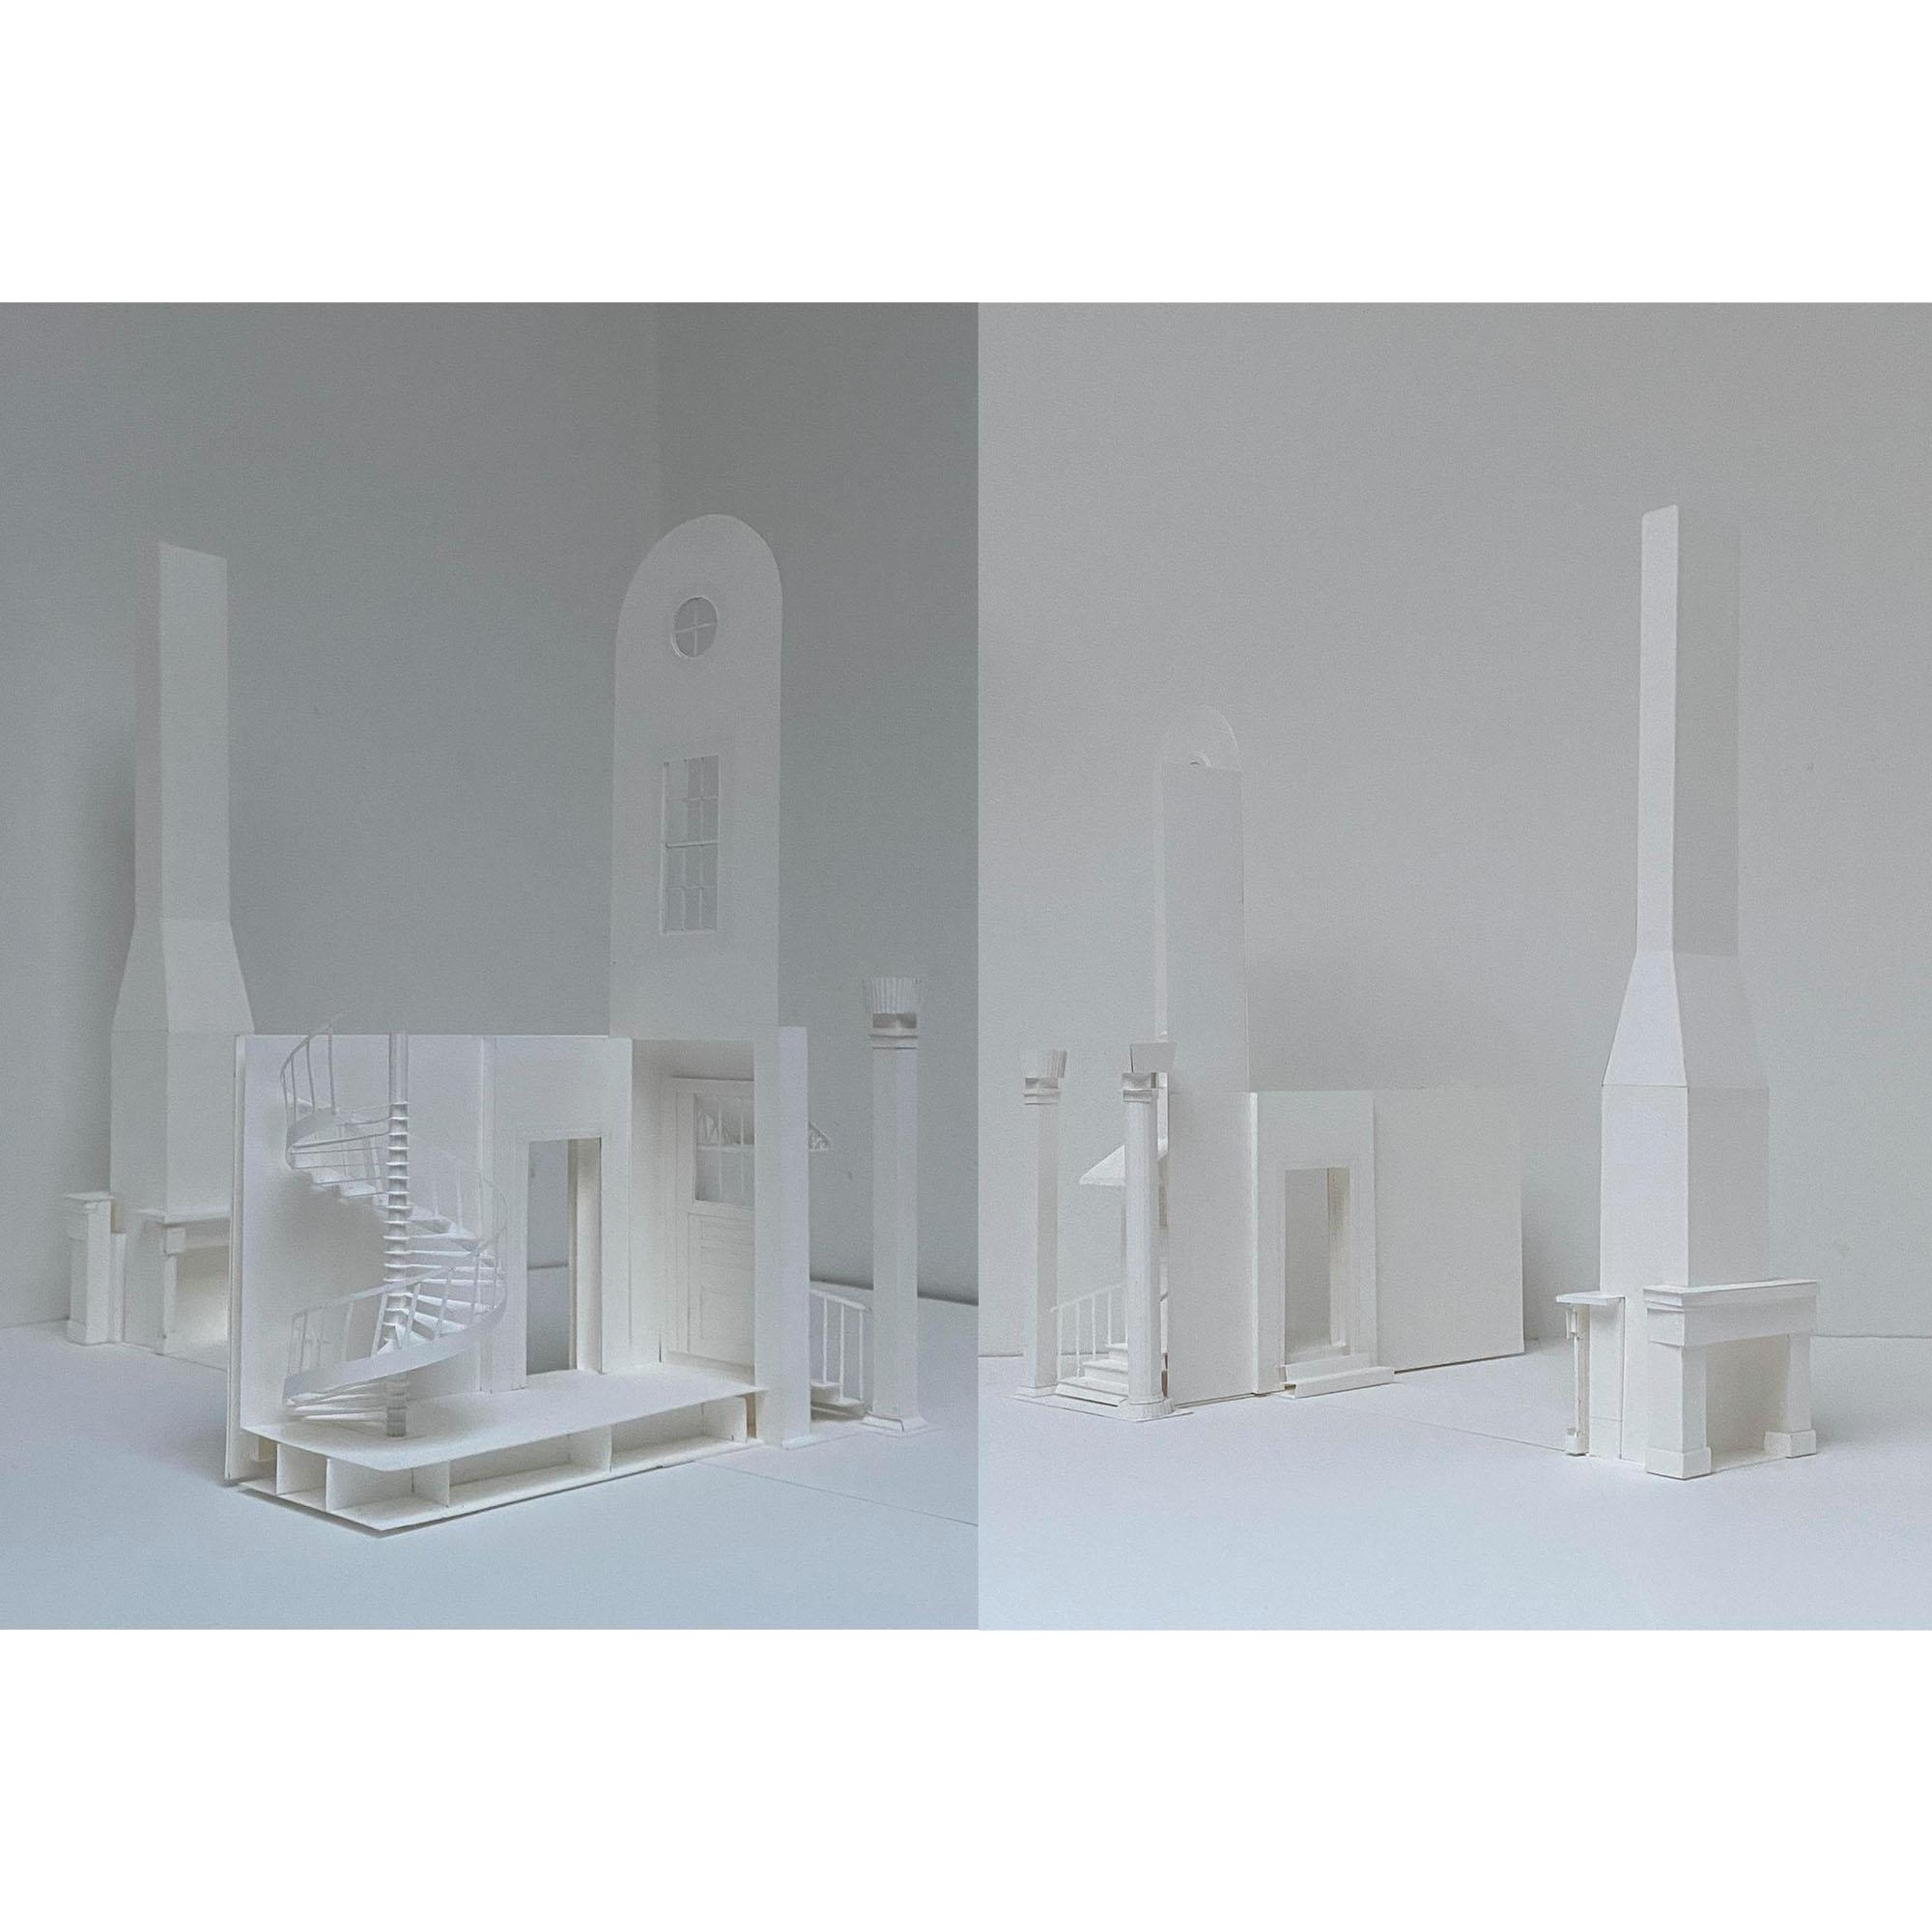 minne_maquette-beeld